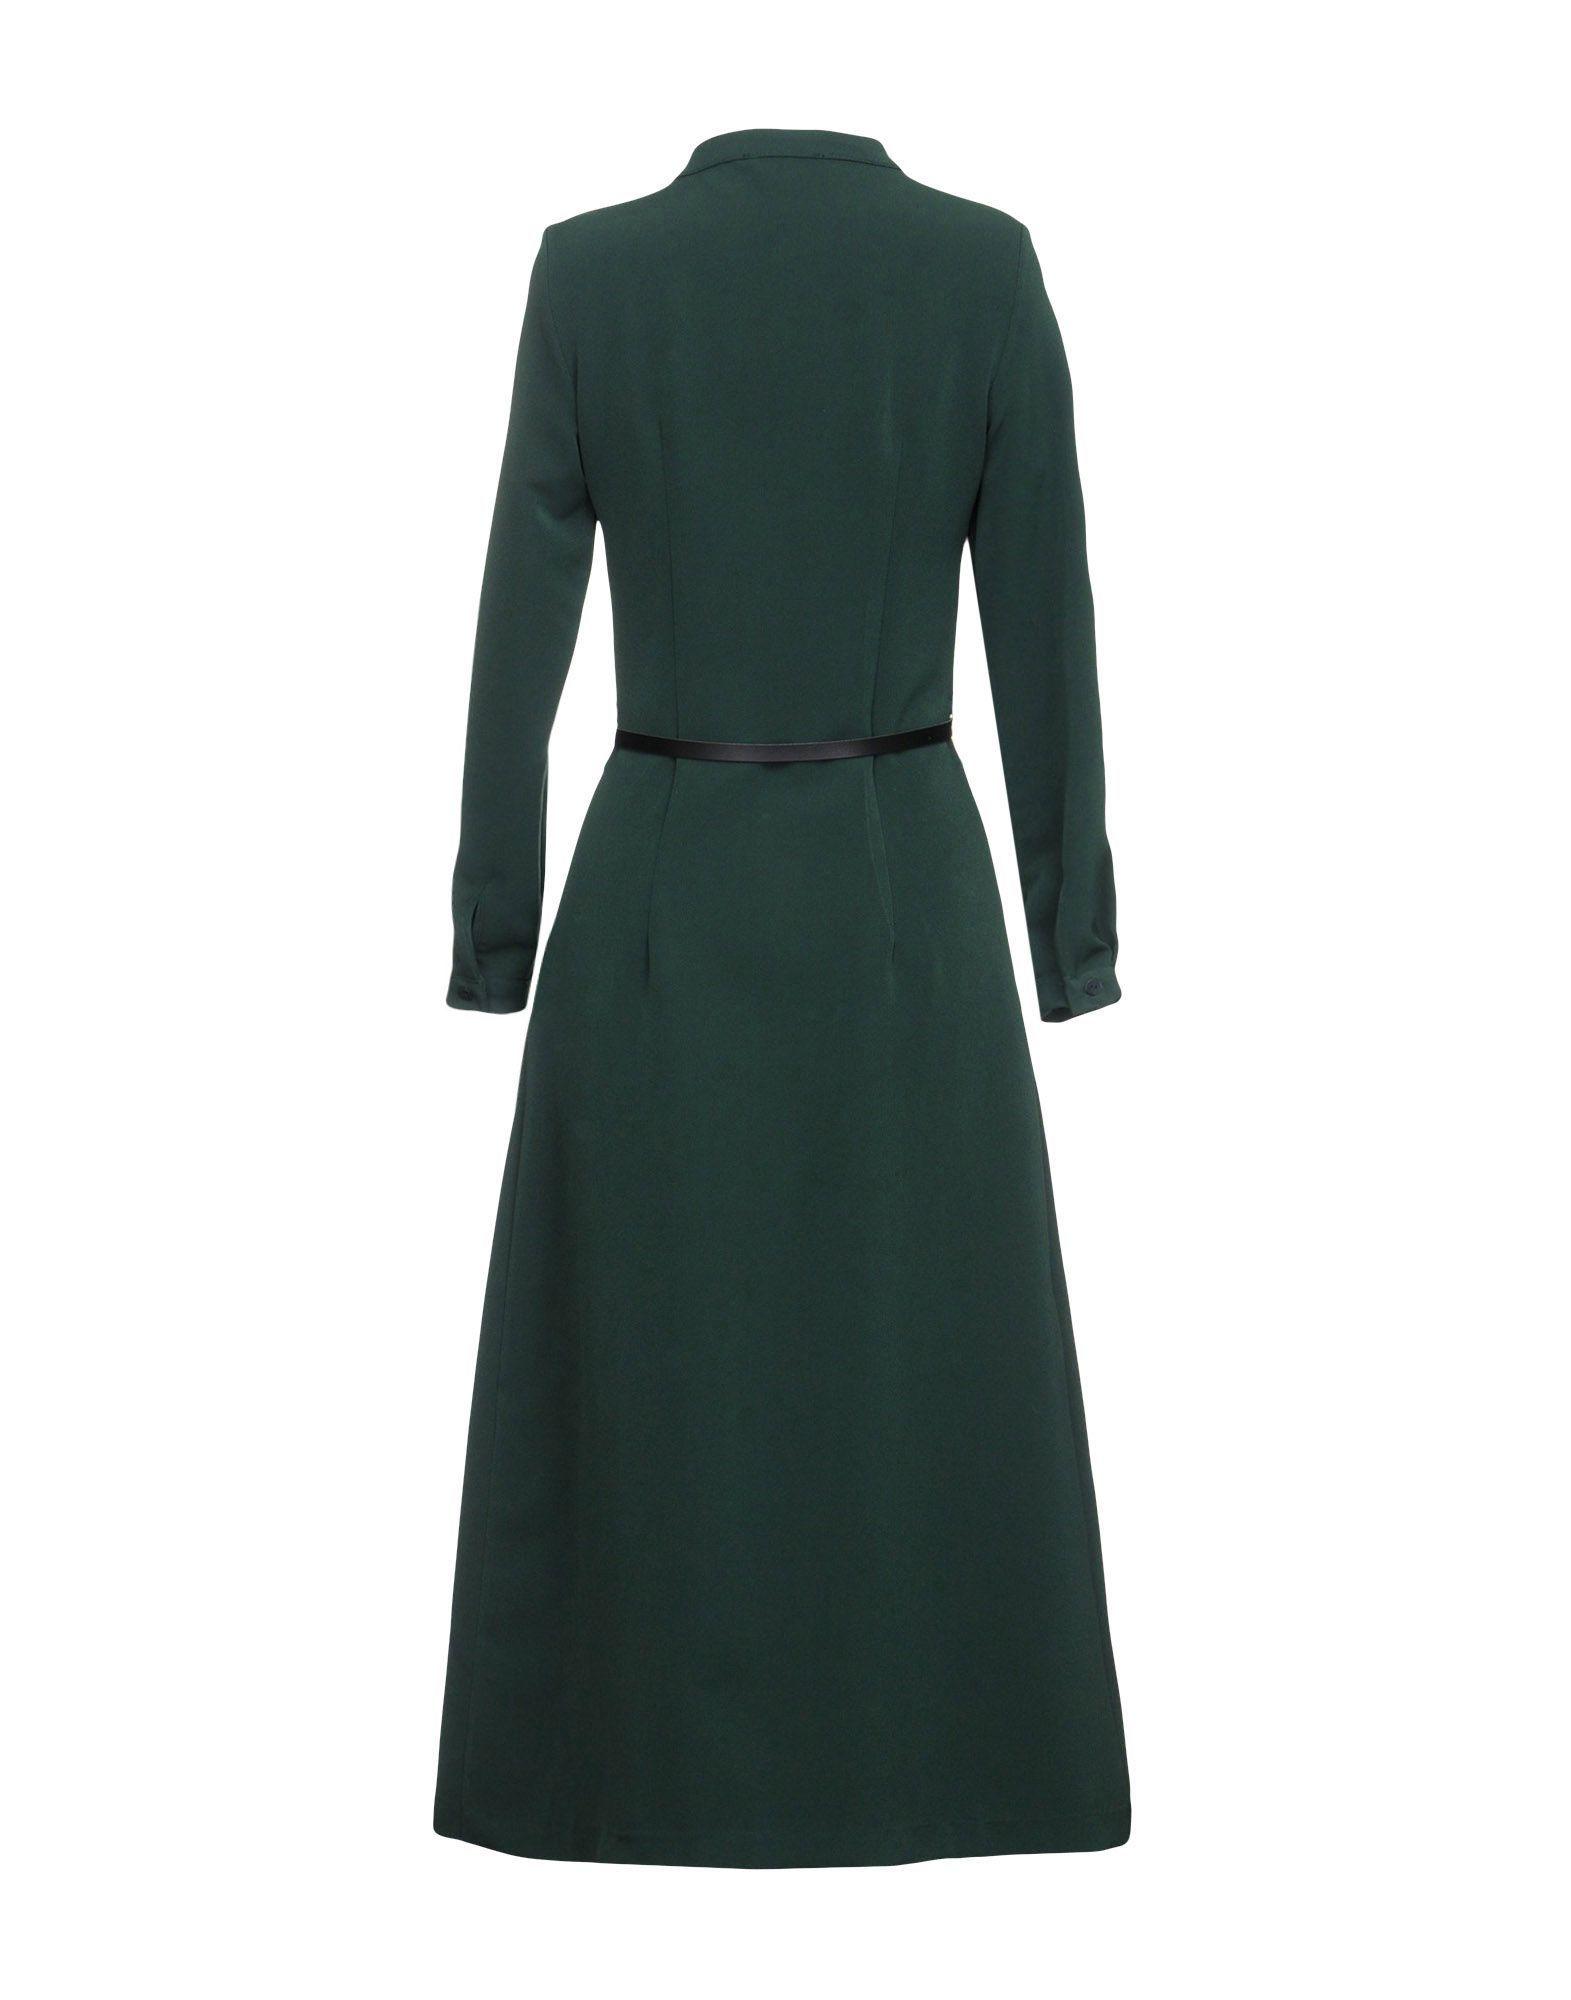 Vicolo Green Crepe Long Sleeve Dress